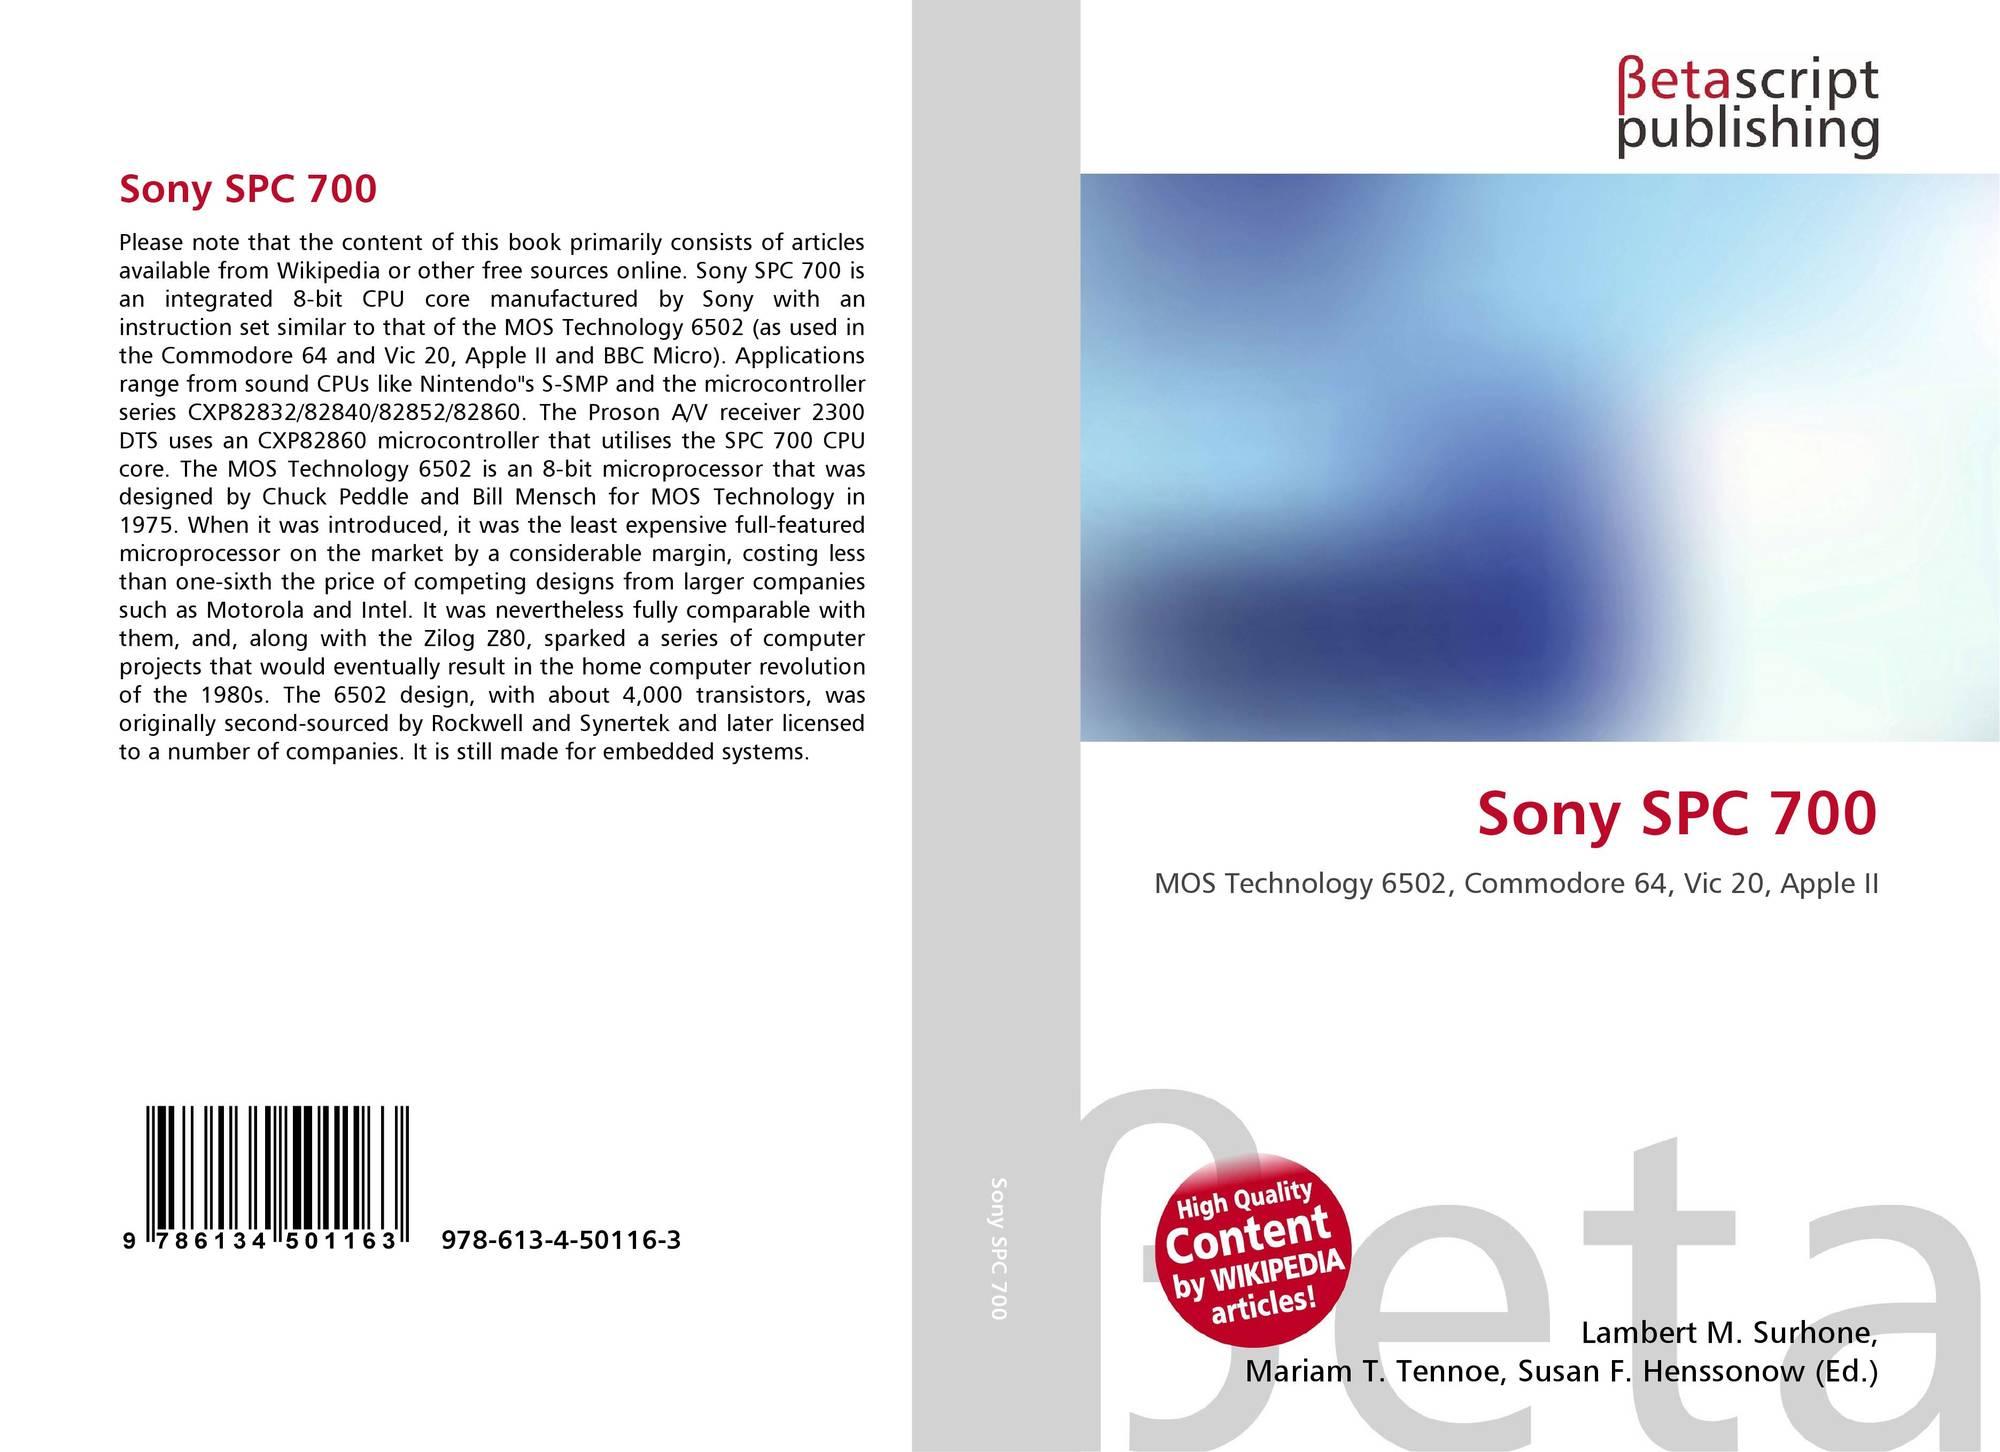 Sony SPC 700, 978-613-4-50116-3, 6134501166 ,9786134501163